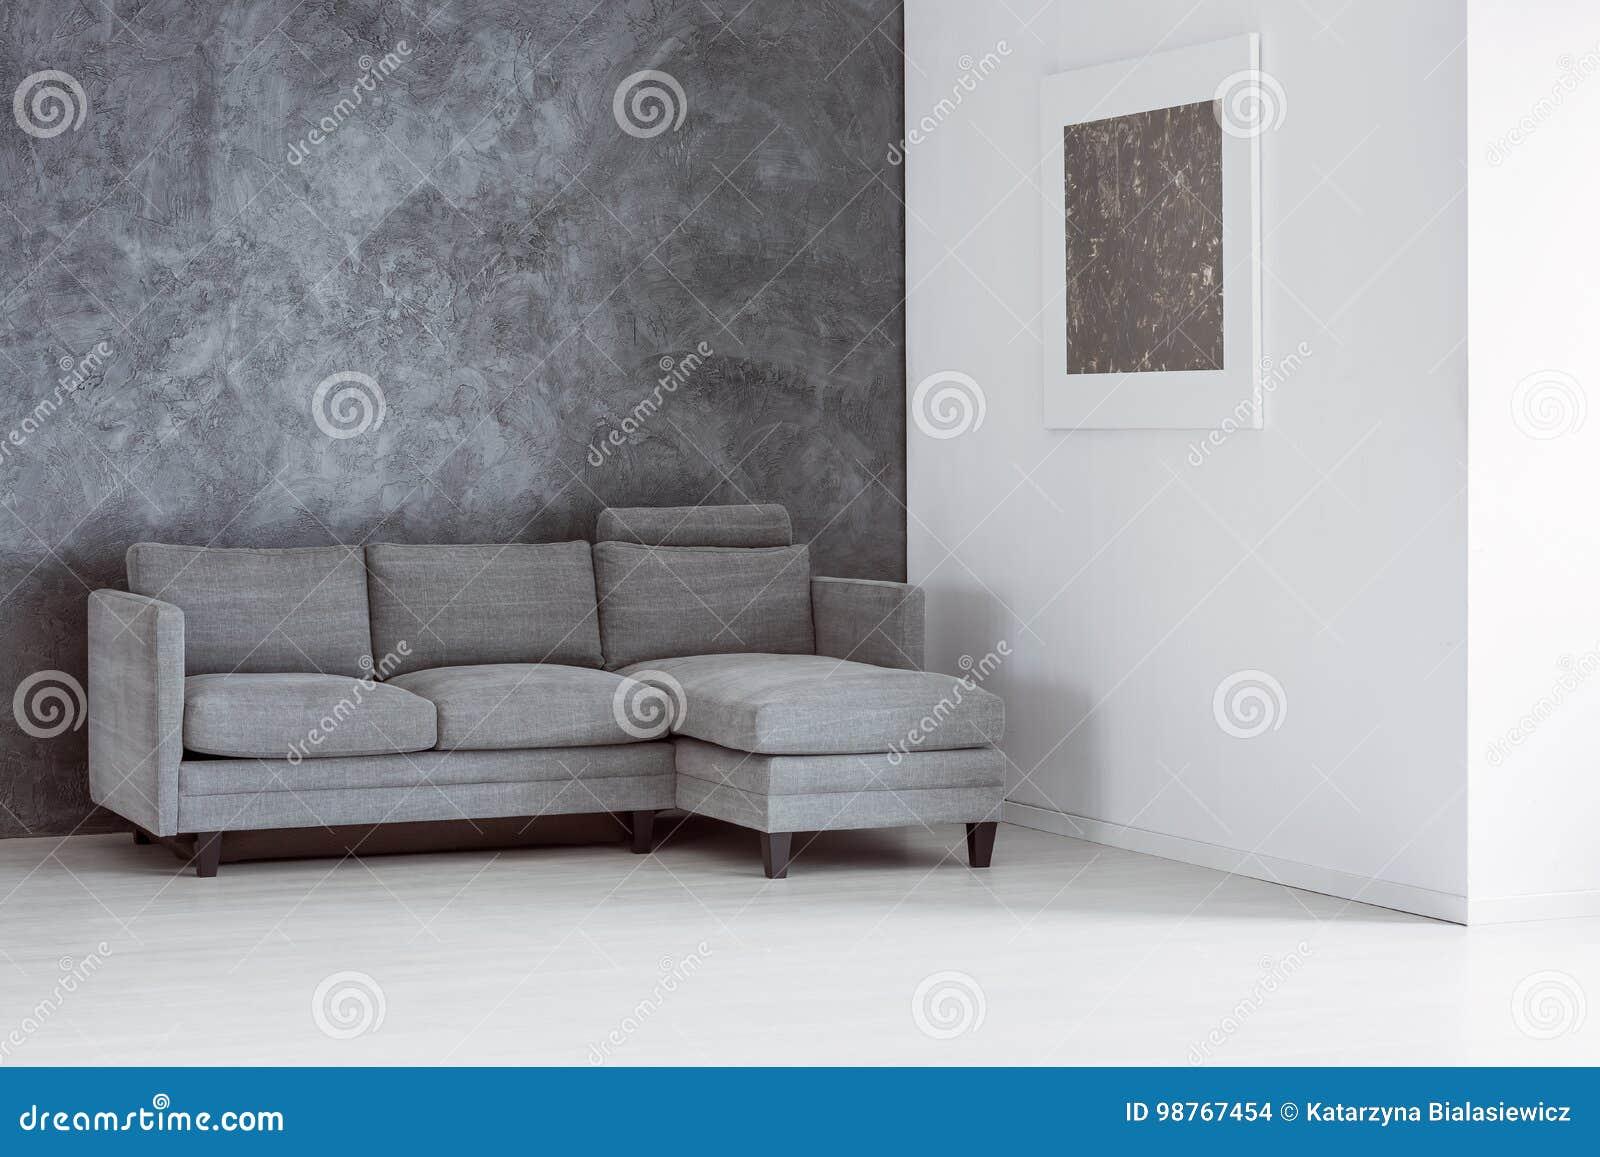 Einfaches Leeres Wohnzimmer Stockfoto - Bild von kontrast, grau ...